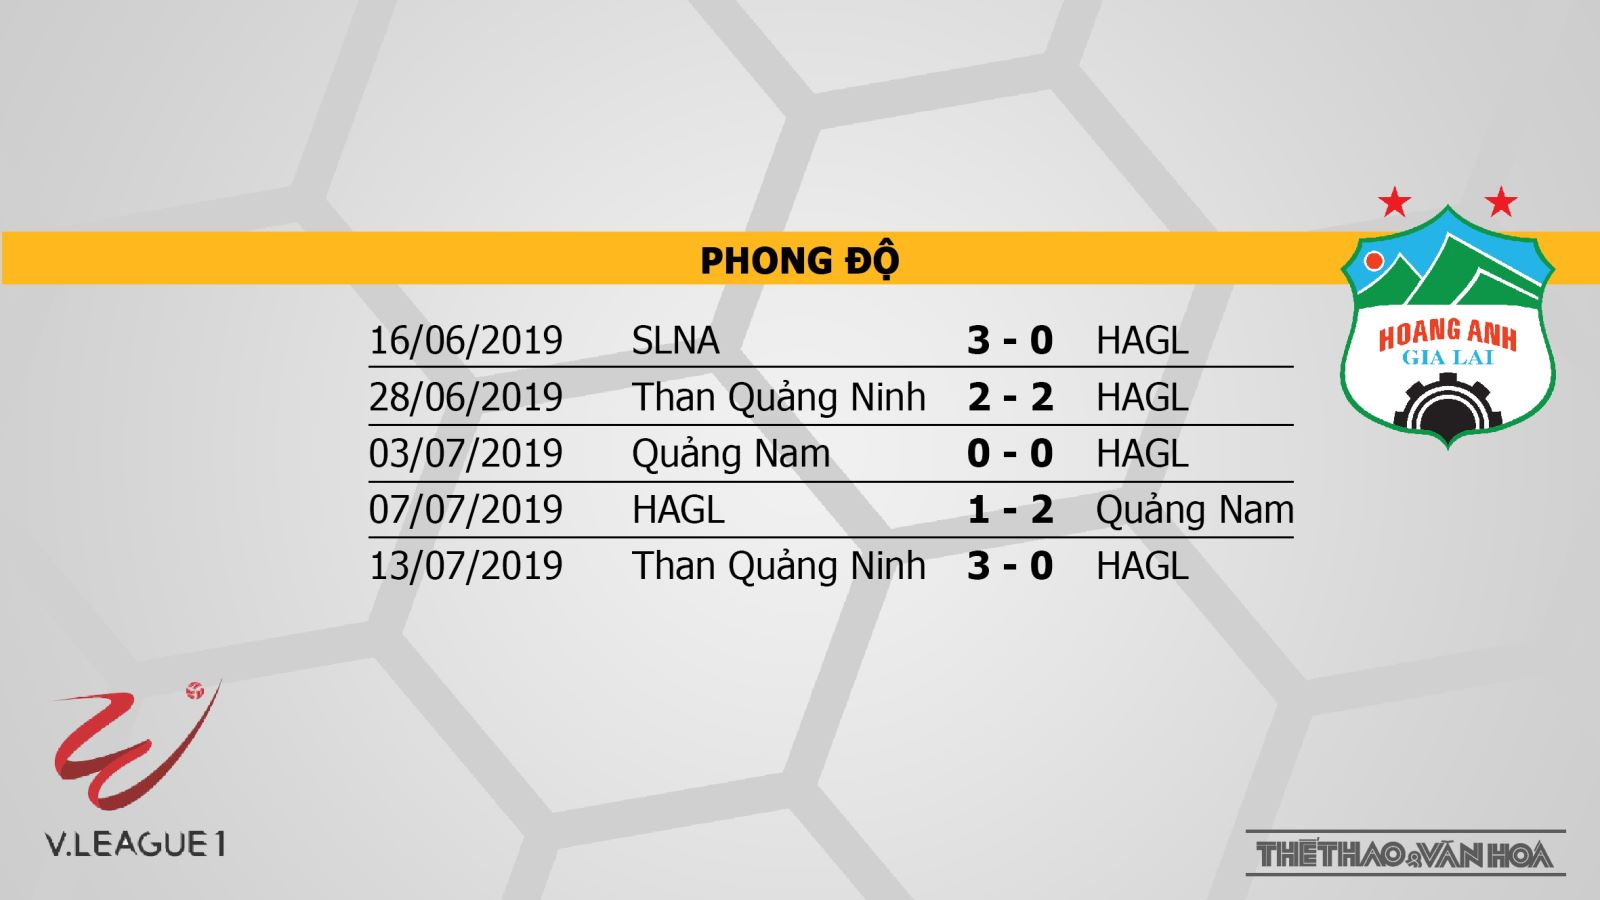 Chú thích SLNA vs Sài Gòn, Hà Nội vs HAGL, Quảng Nam vs Hải Phòng, soi kèo bóng đá, nhận định, trực tiếp bóng đá, lịch thi đấu bóng đá hôm nay, v league 2019,  VTV6, BĐTV, TTTV, FPT Play, HTV Thể thao